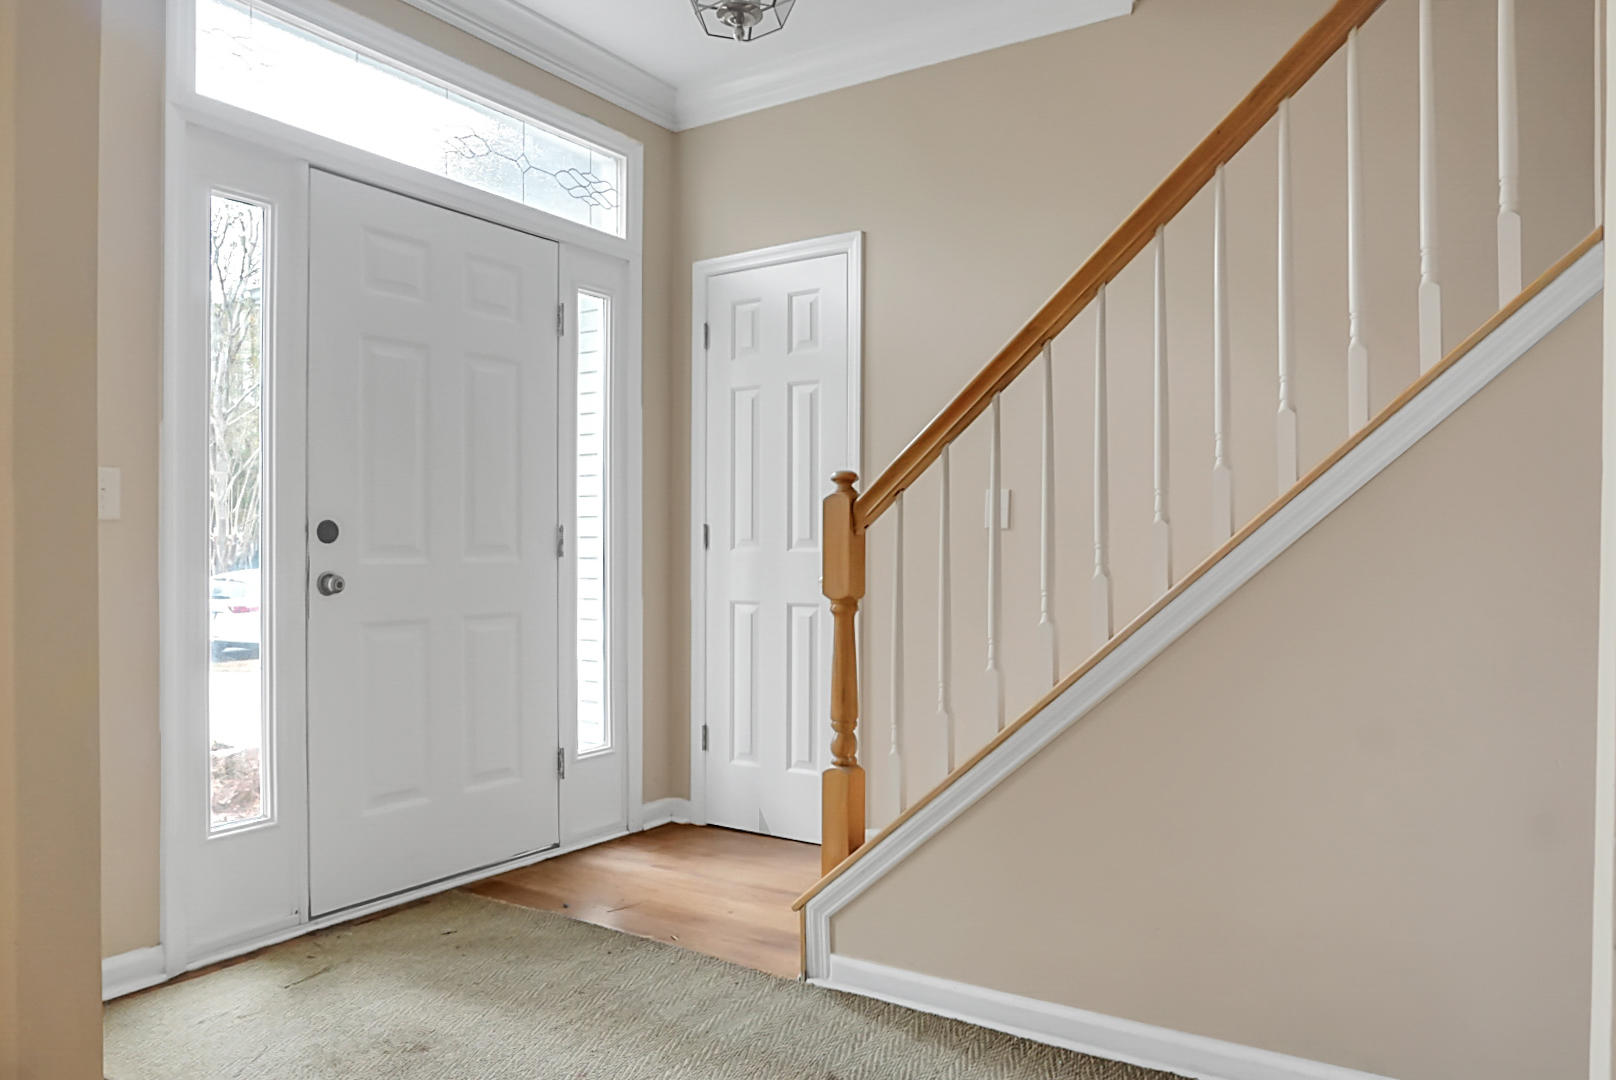 Dunes West Homes For Sale - 3209 Carmel Bay, Mount Pleasant, SC - 12